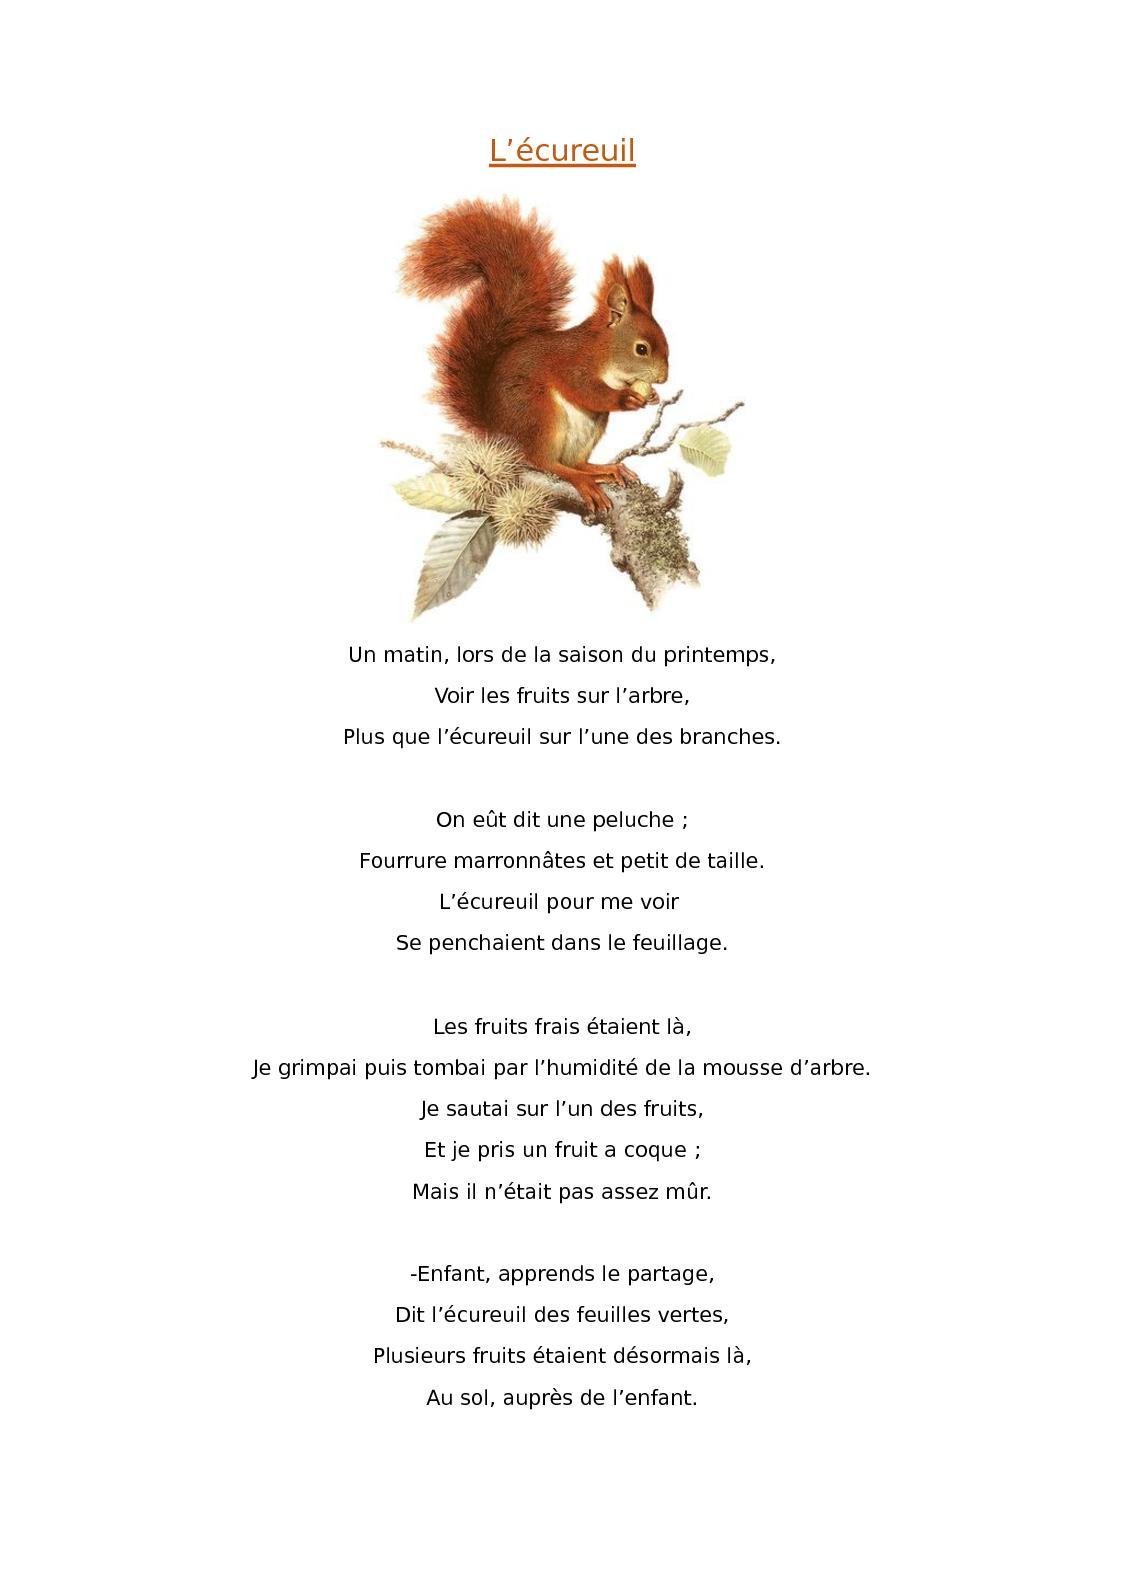 Poésie L écureuil Et La Feuille : poésie, écureuil, feuille, Calaméo, L'écureuil